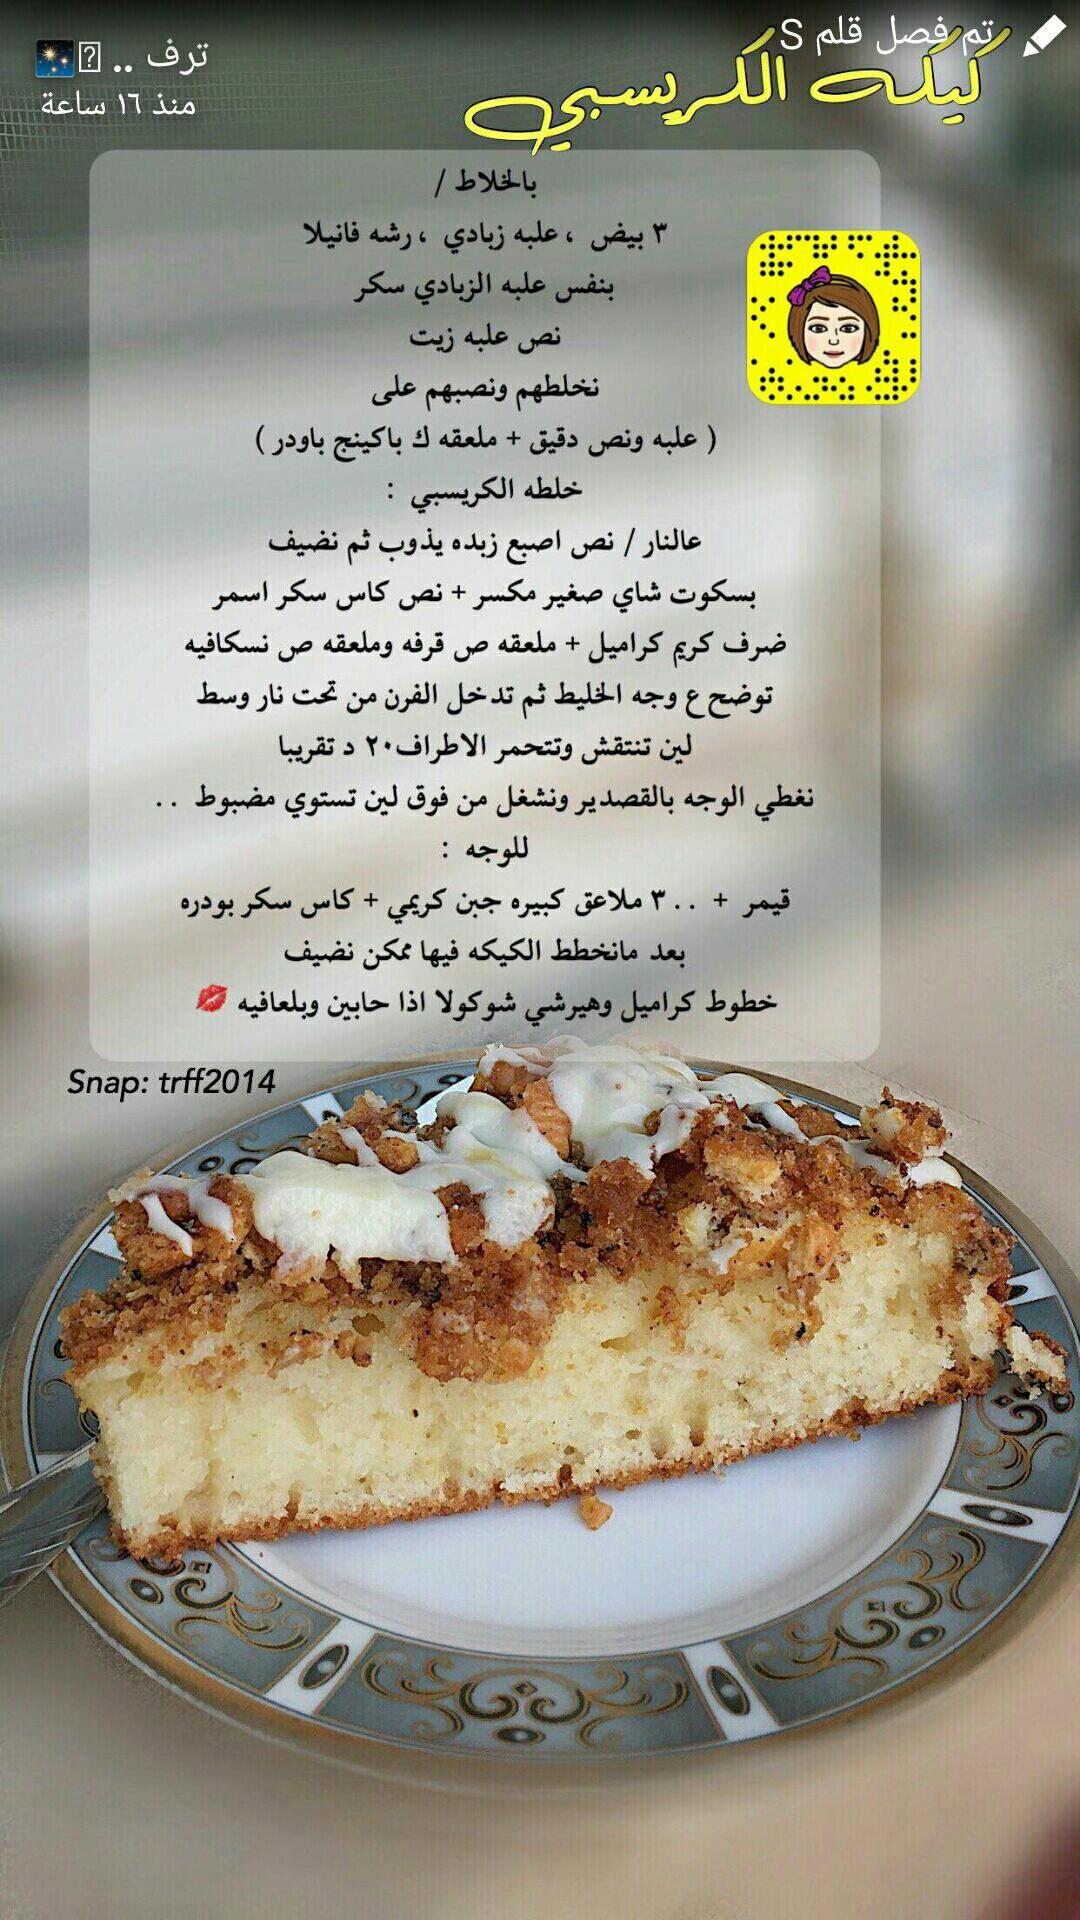 Pin By Hana On حلويات Baking Cooking Food